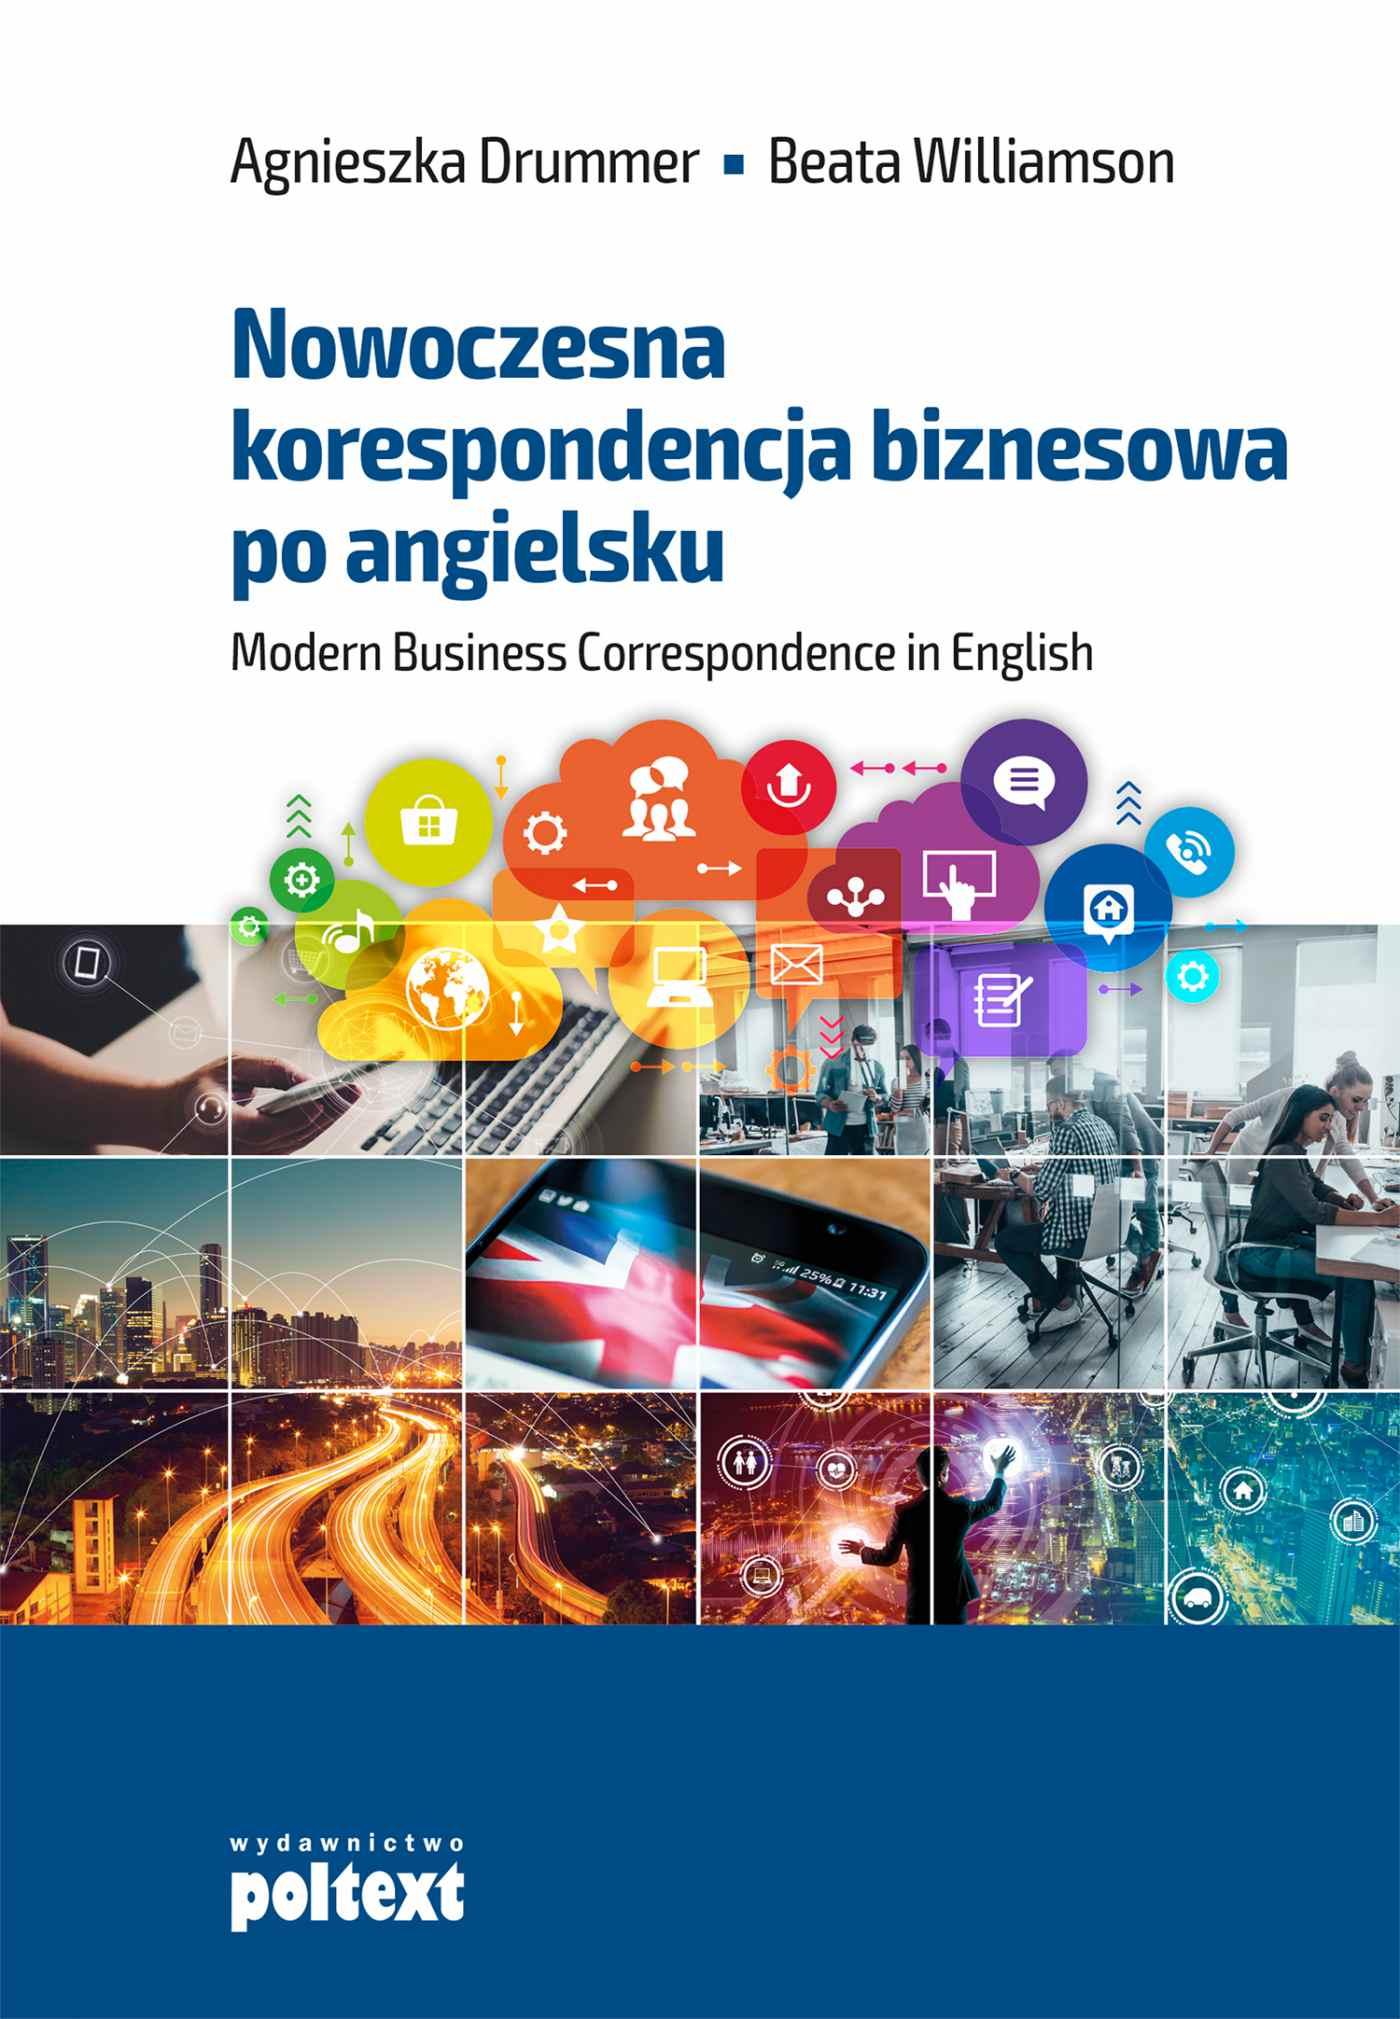 Nowoczesna korespondencja biznesowa po angielsku - Ebook (Książka na Kindle) do pobrania w formacie MOBI